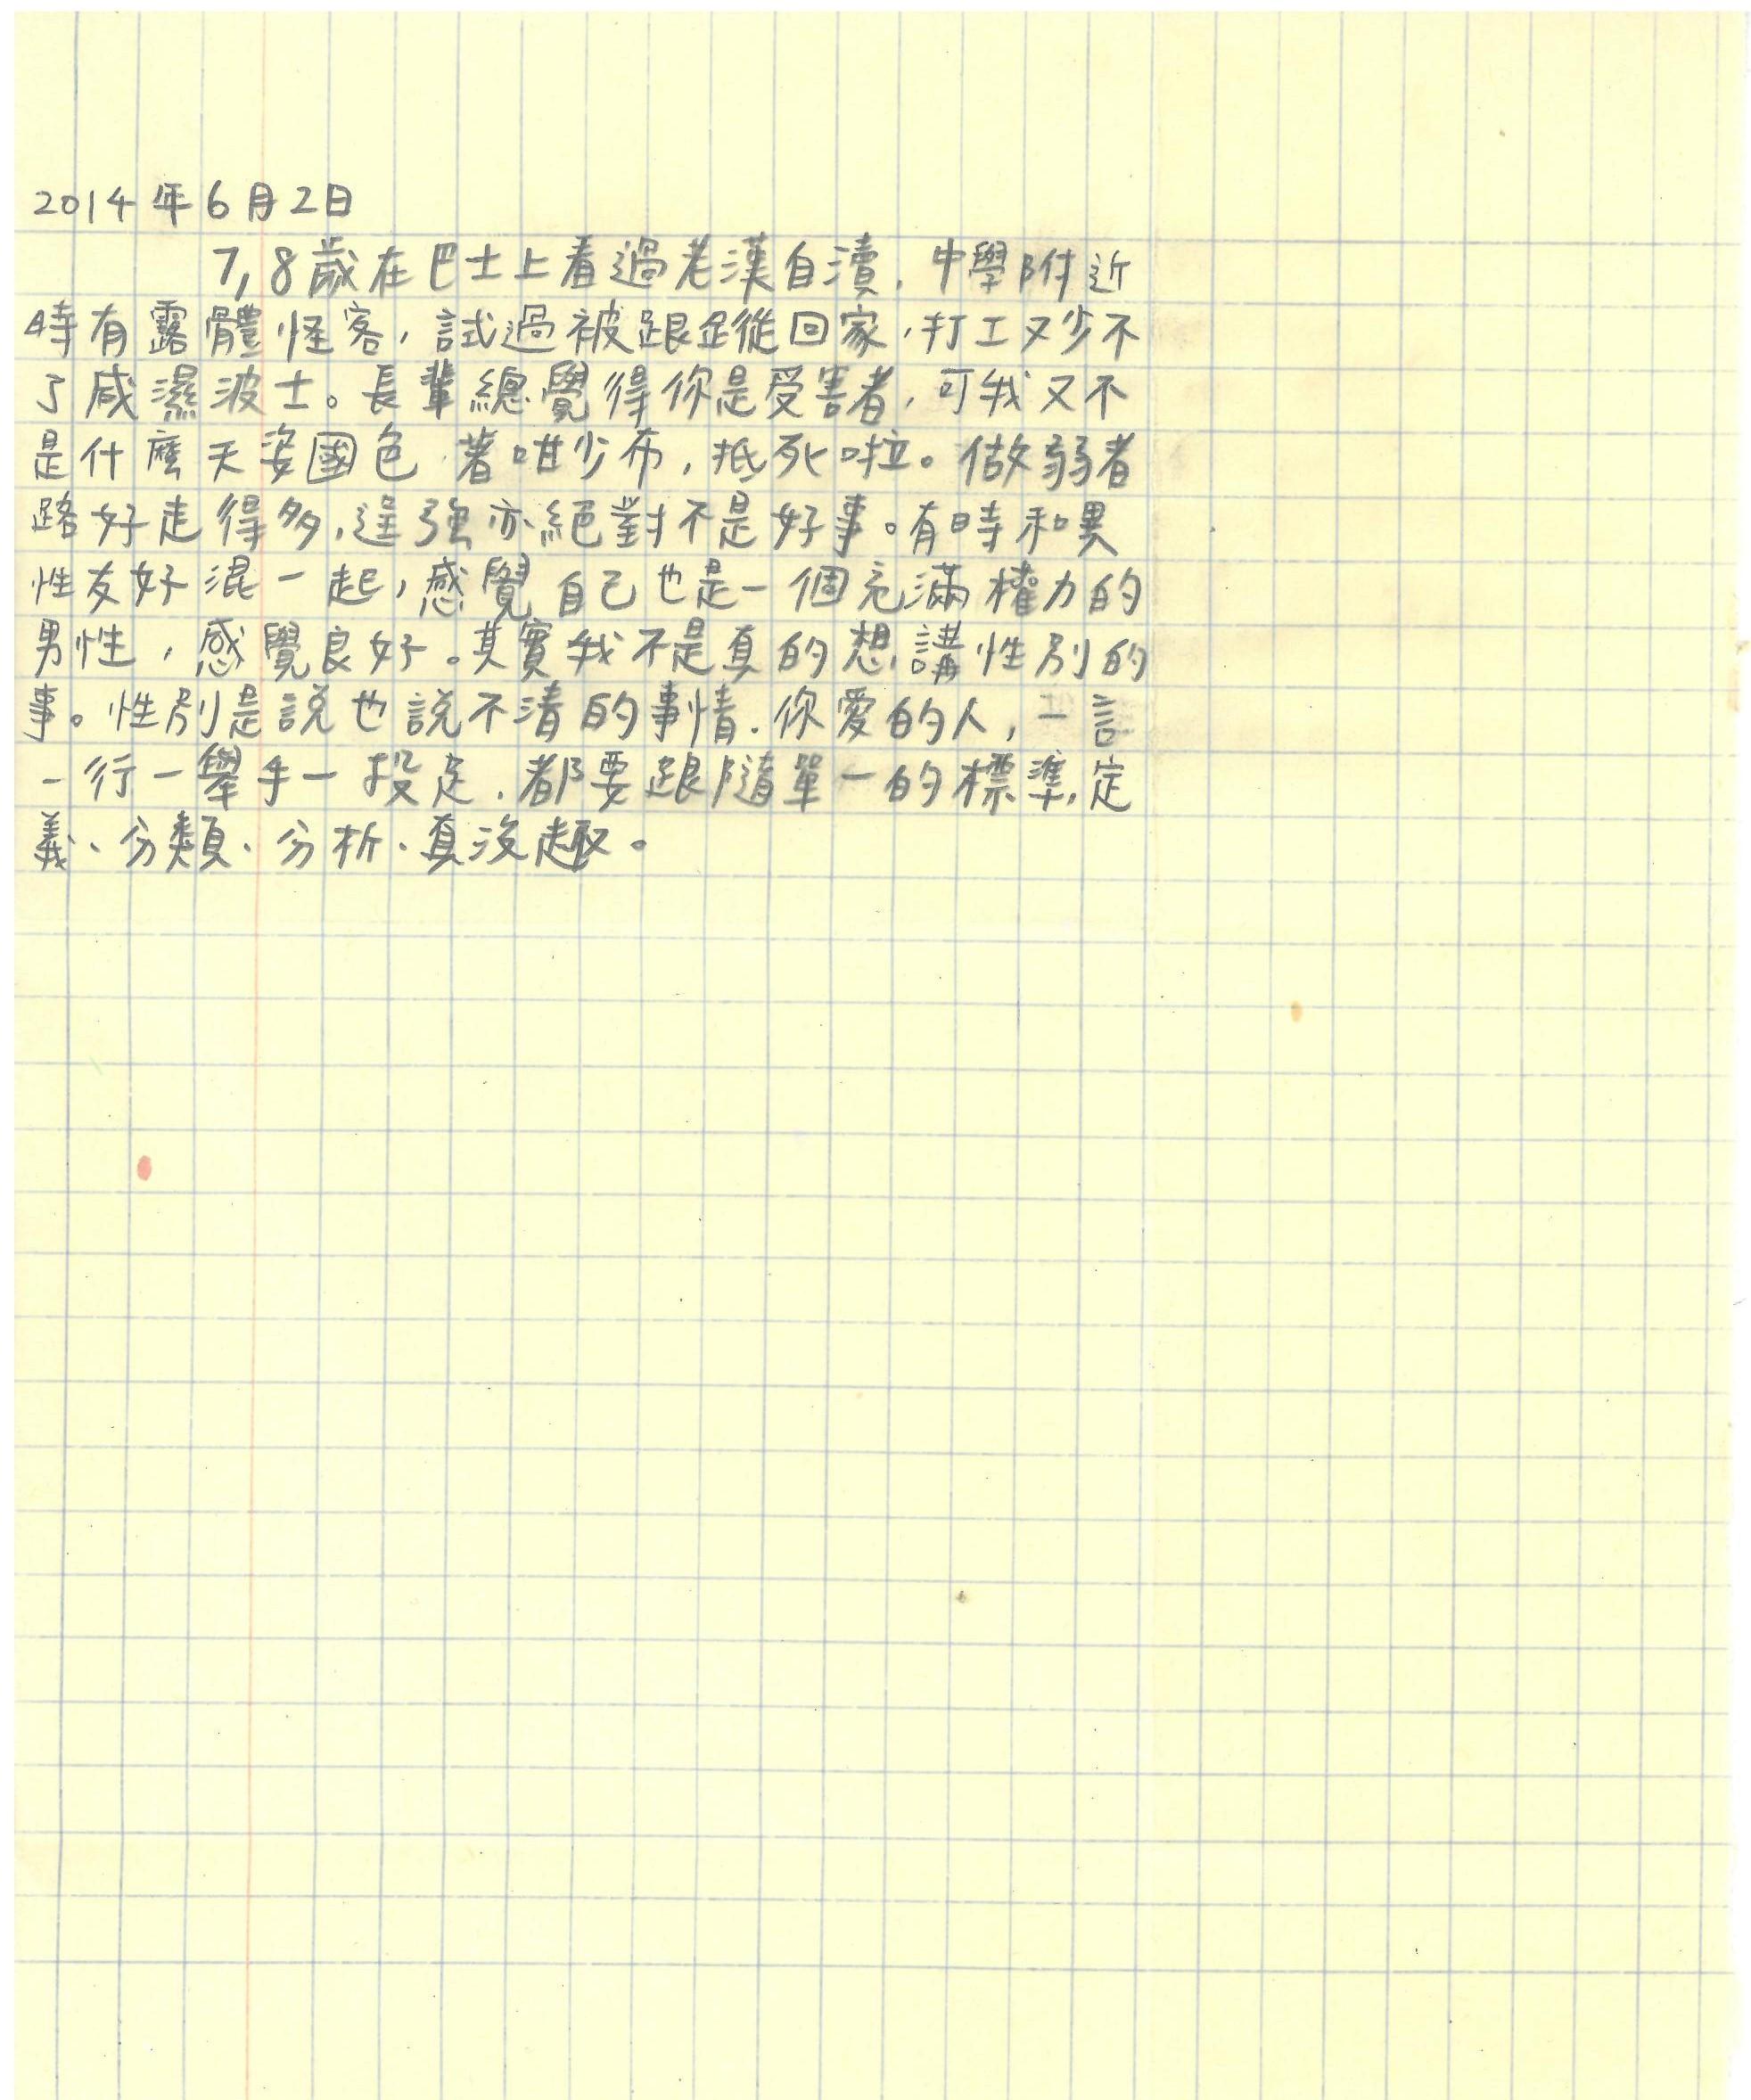 20140602 老漢自瀆.jpg